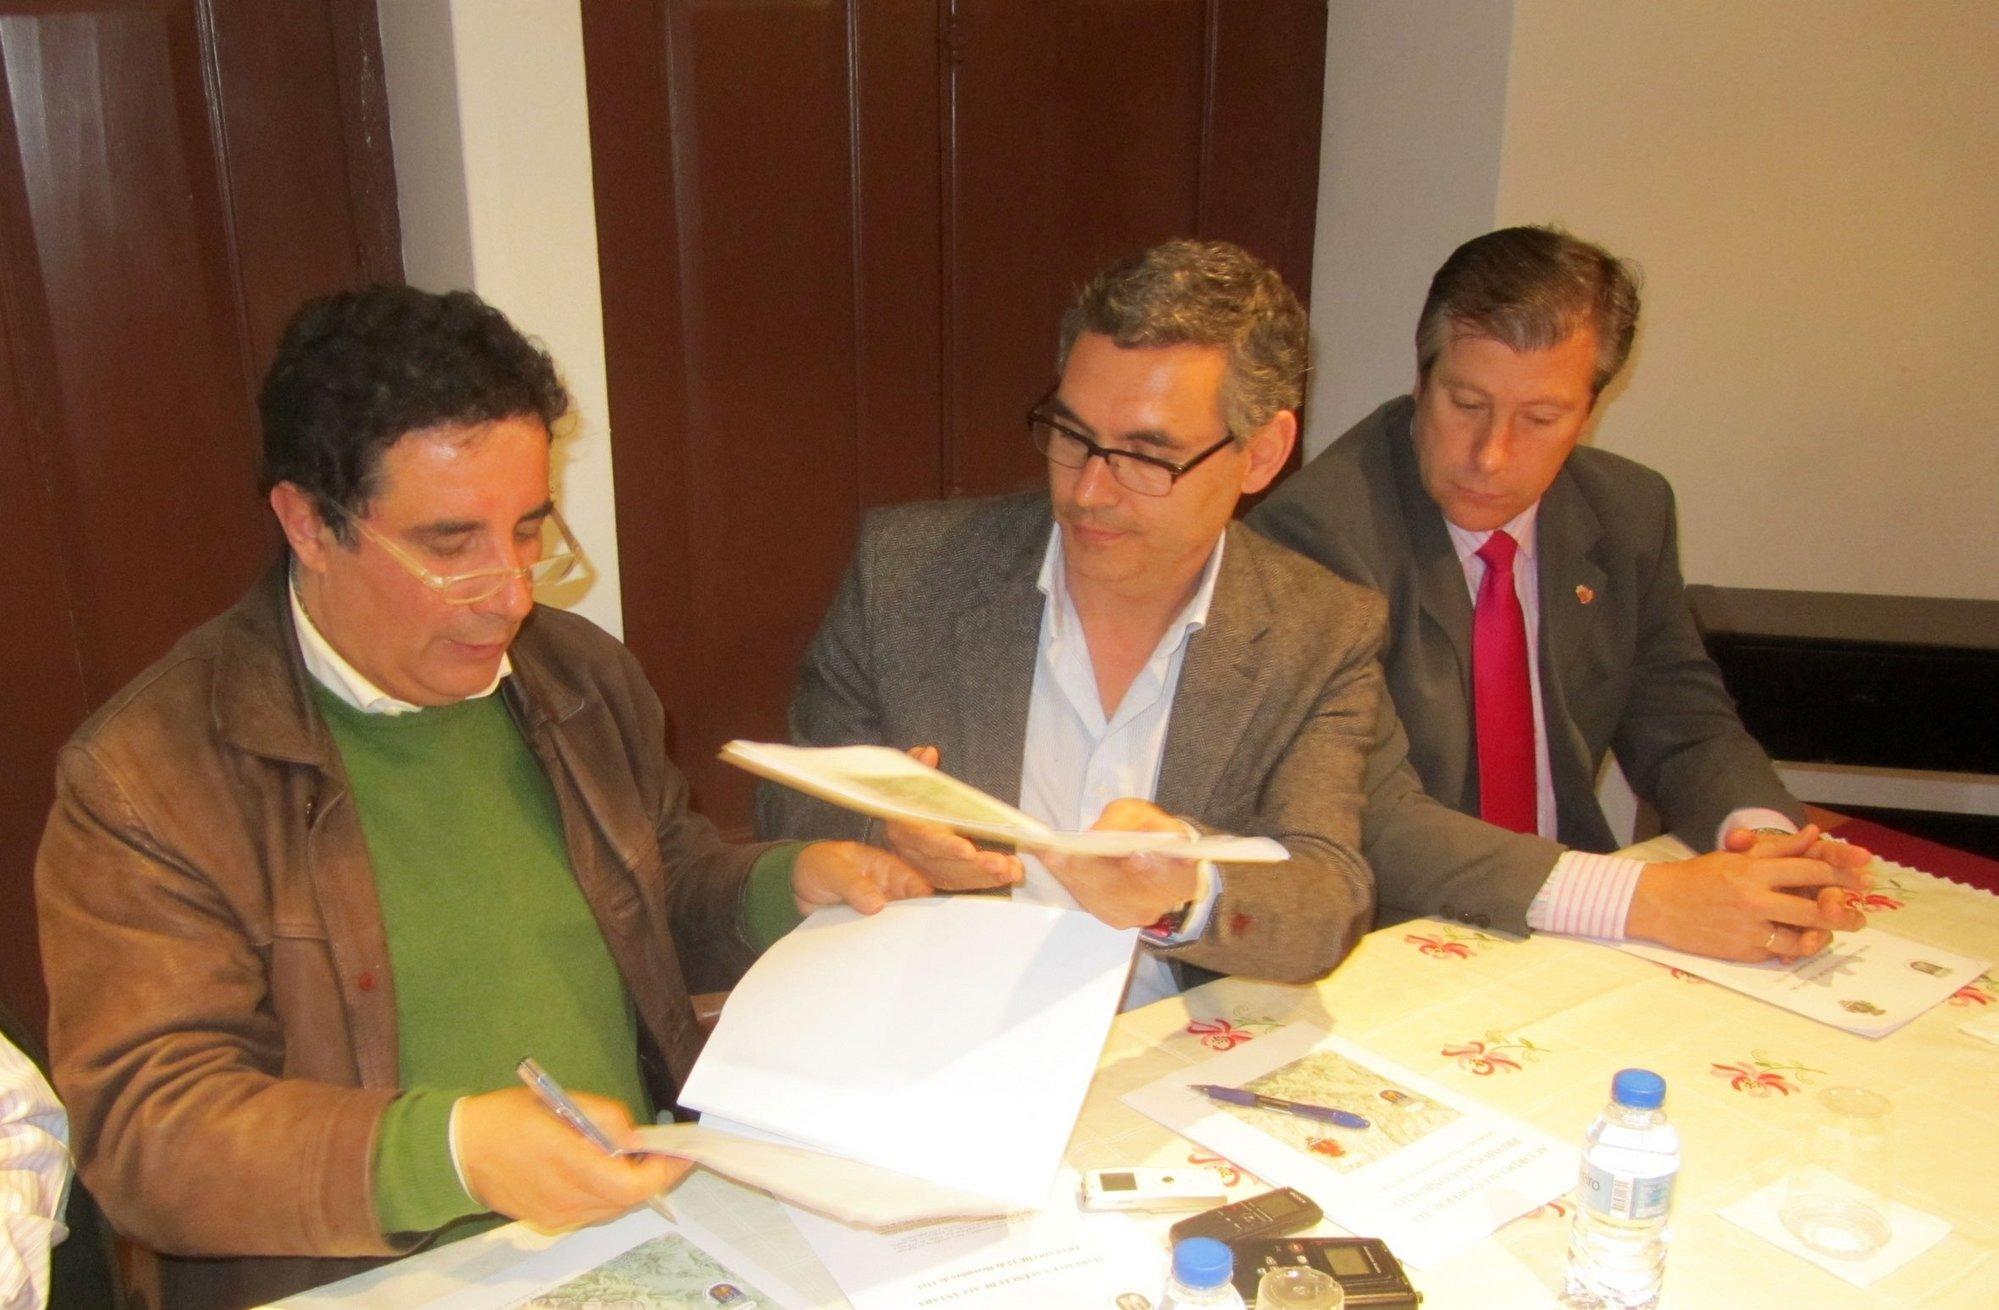 Valencia de Alcántara (Cáceres) y Marvao (Portugal) colaborarán en materia cultural, social y turística